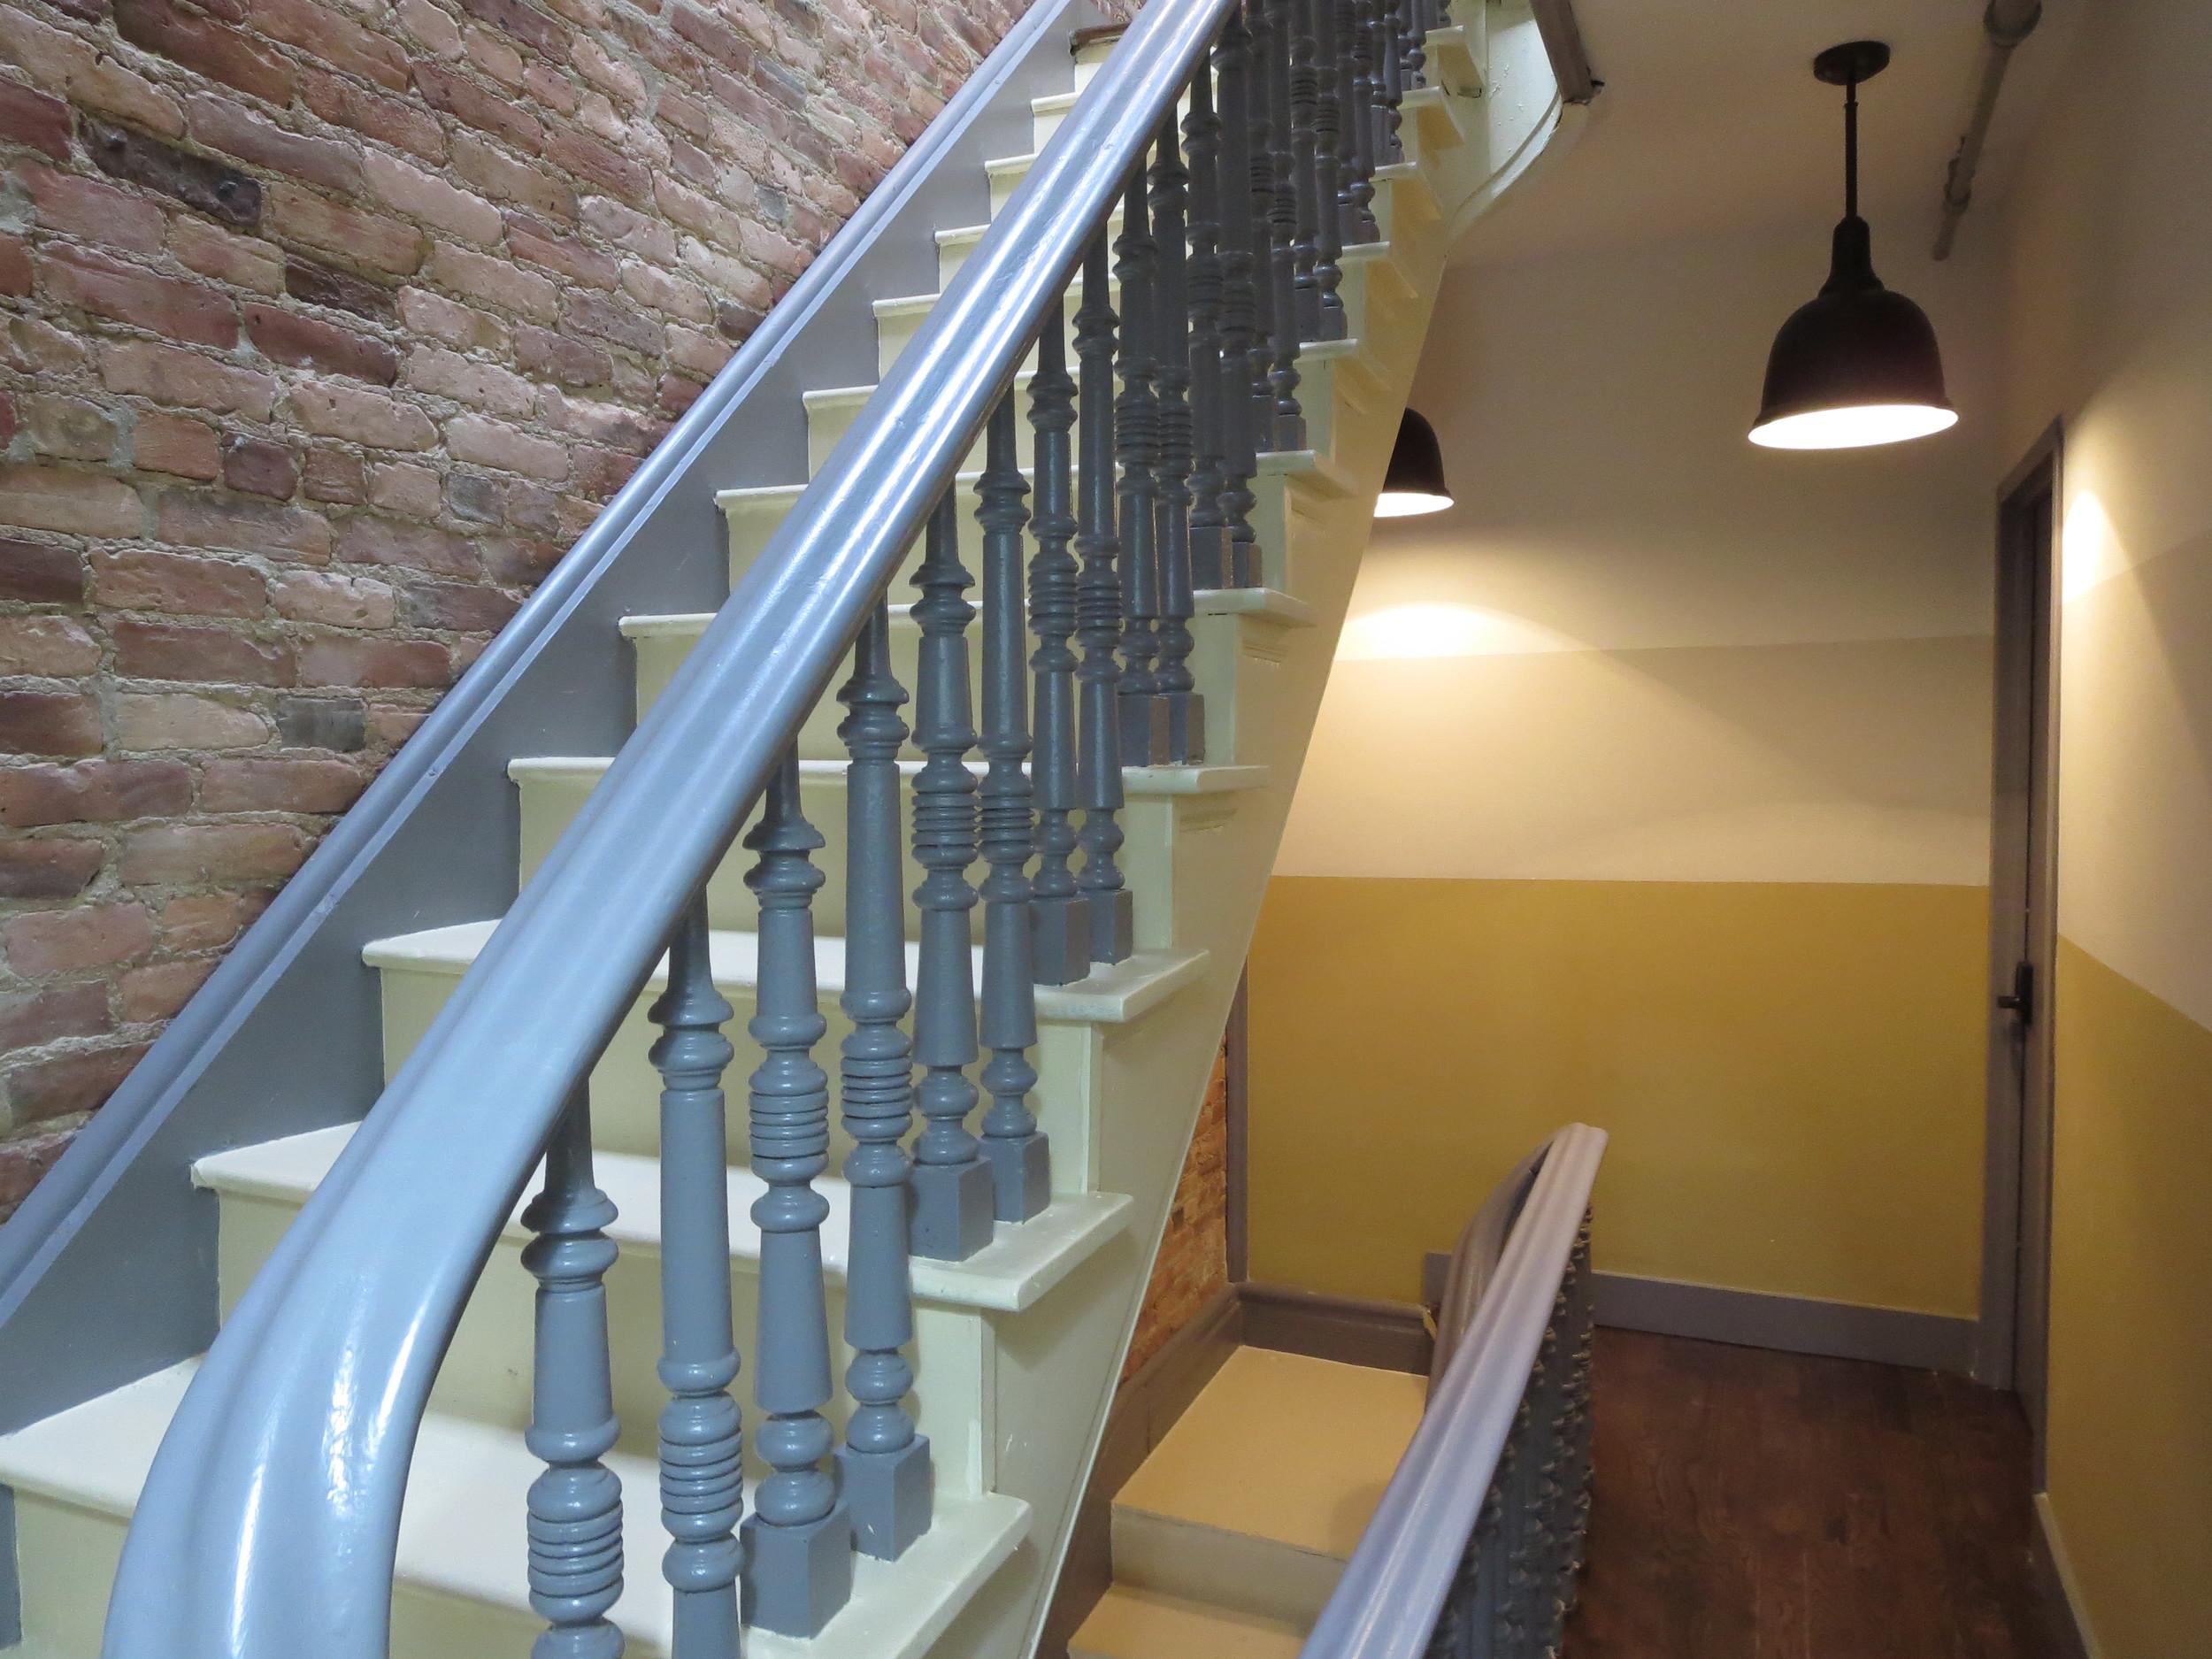 03_Stairs.jpg